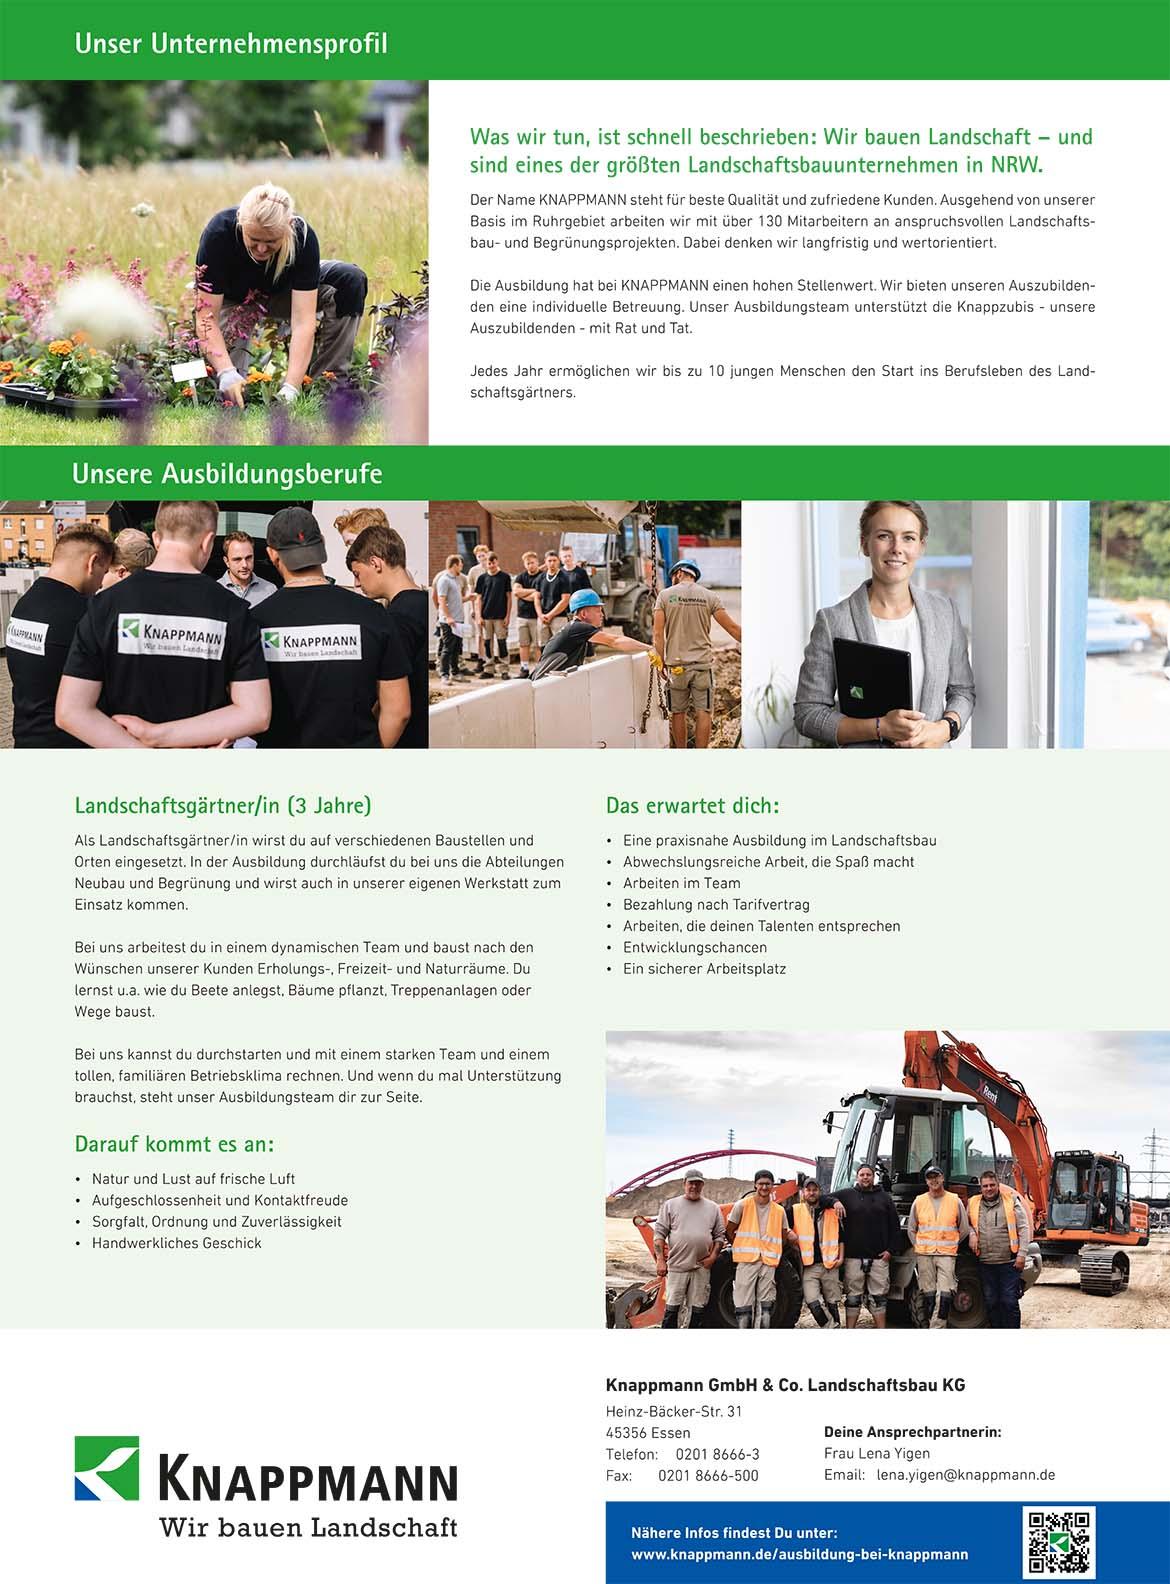 Ausbildungsplakat: Knappmann GmbH & Co. Landschaftsbau KG